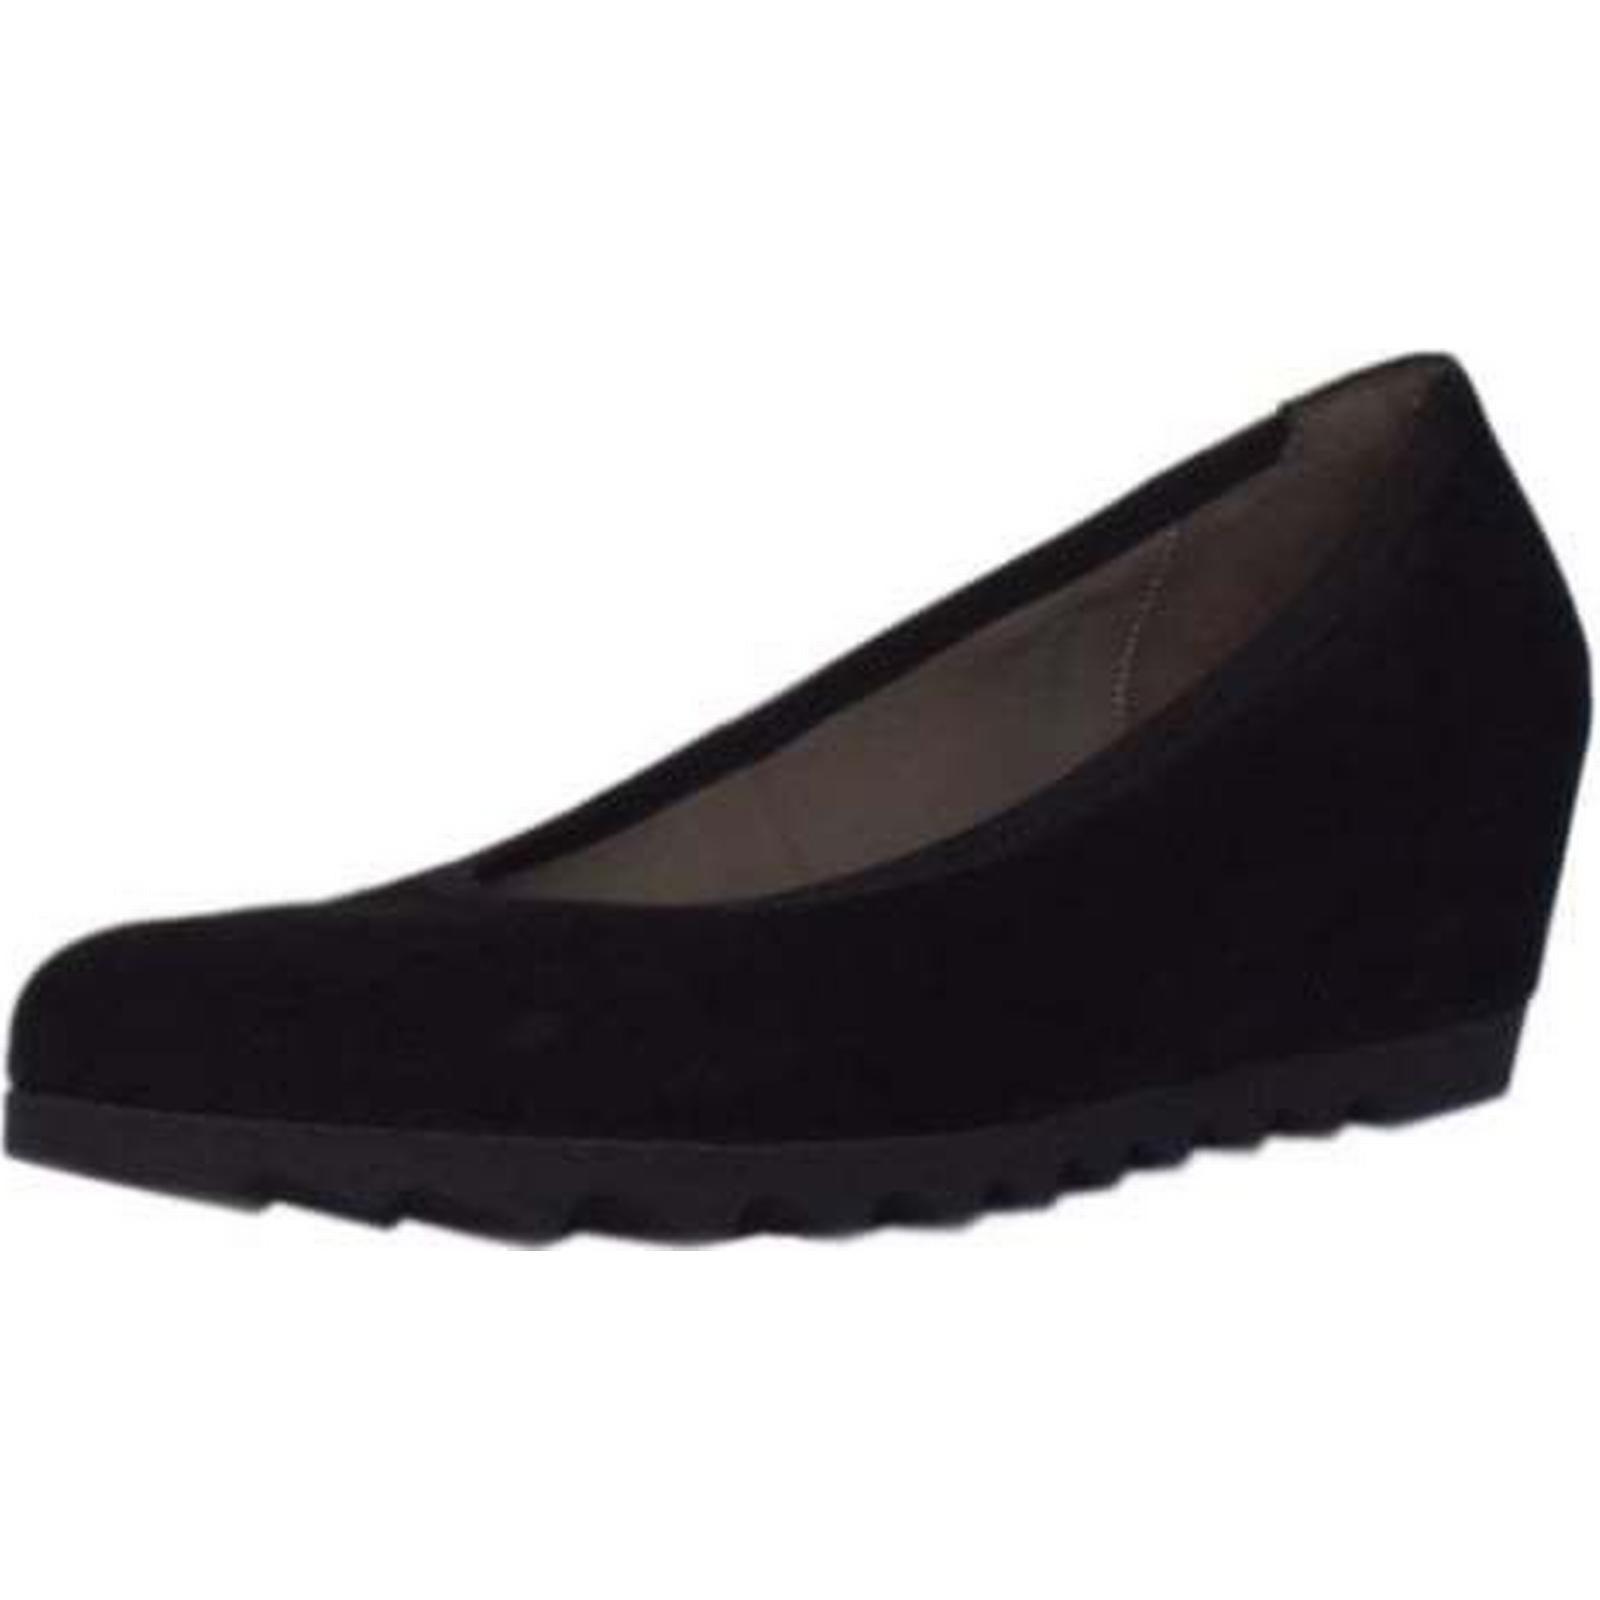 gabor demande gabor gabor gabor mesdames chaussures 55 320 17 taille: 3,5, couleur: noir su 7e9e90